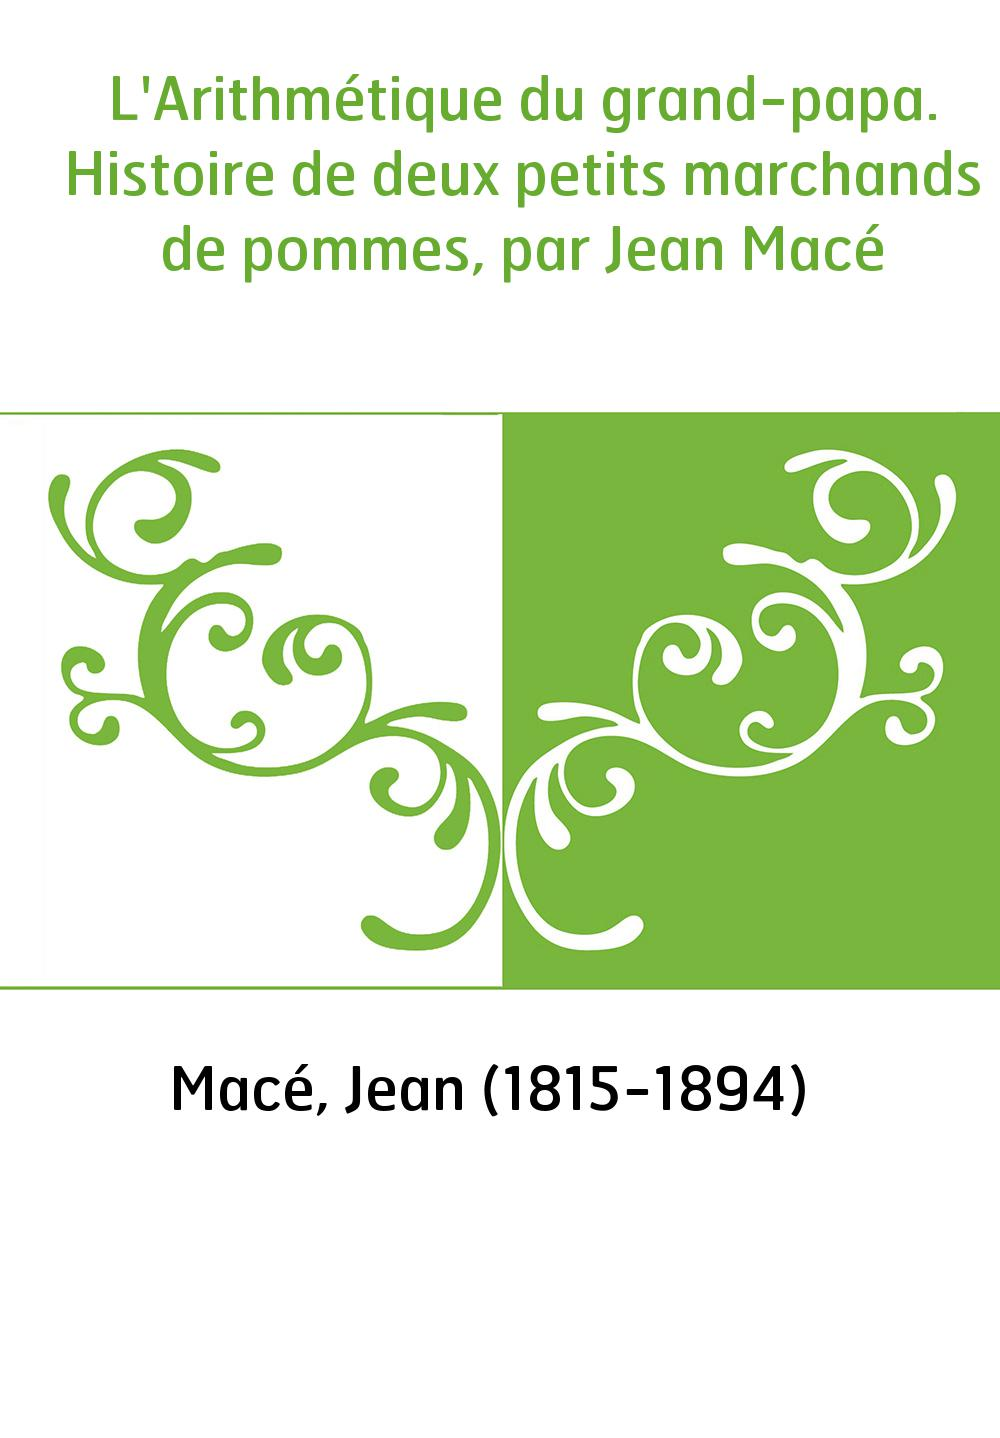 L'Arithmétique du grand-papa. Histoire de deux petits marchands de pommes, par Jean Macé